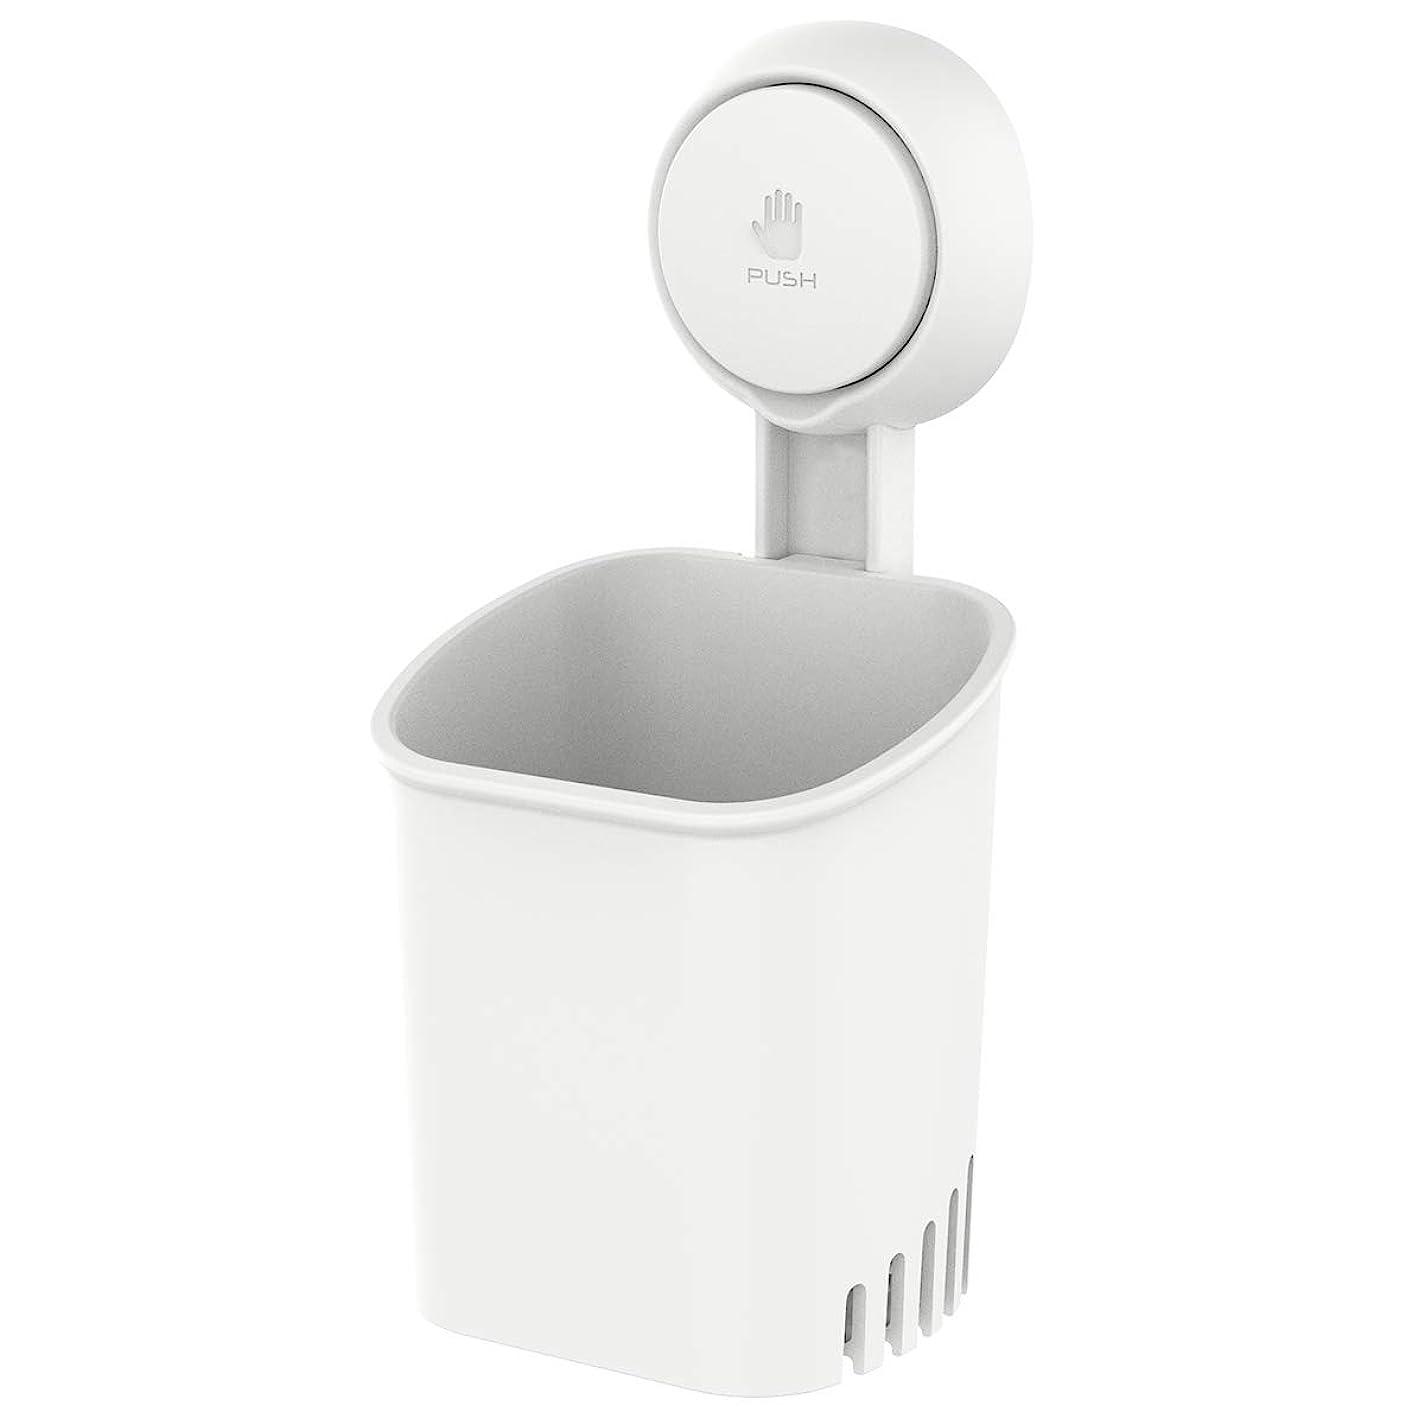 ビスケットアナニバー違反するTAILI 歯ブラシスタンド 強力吸盤フック 耐荷重5KG 道具不要 壁傷つけない 優れた防水性と防油性 お風呂とキッチン用 繰り返し使用可能 ホワイト